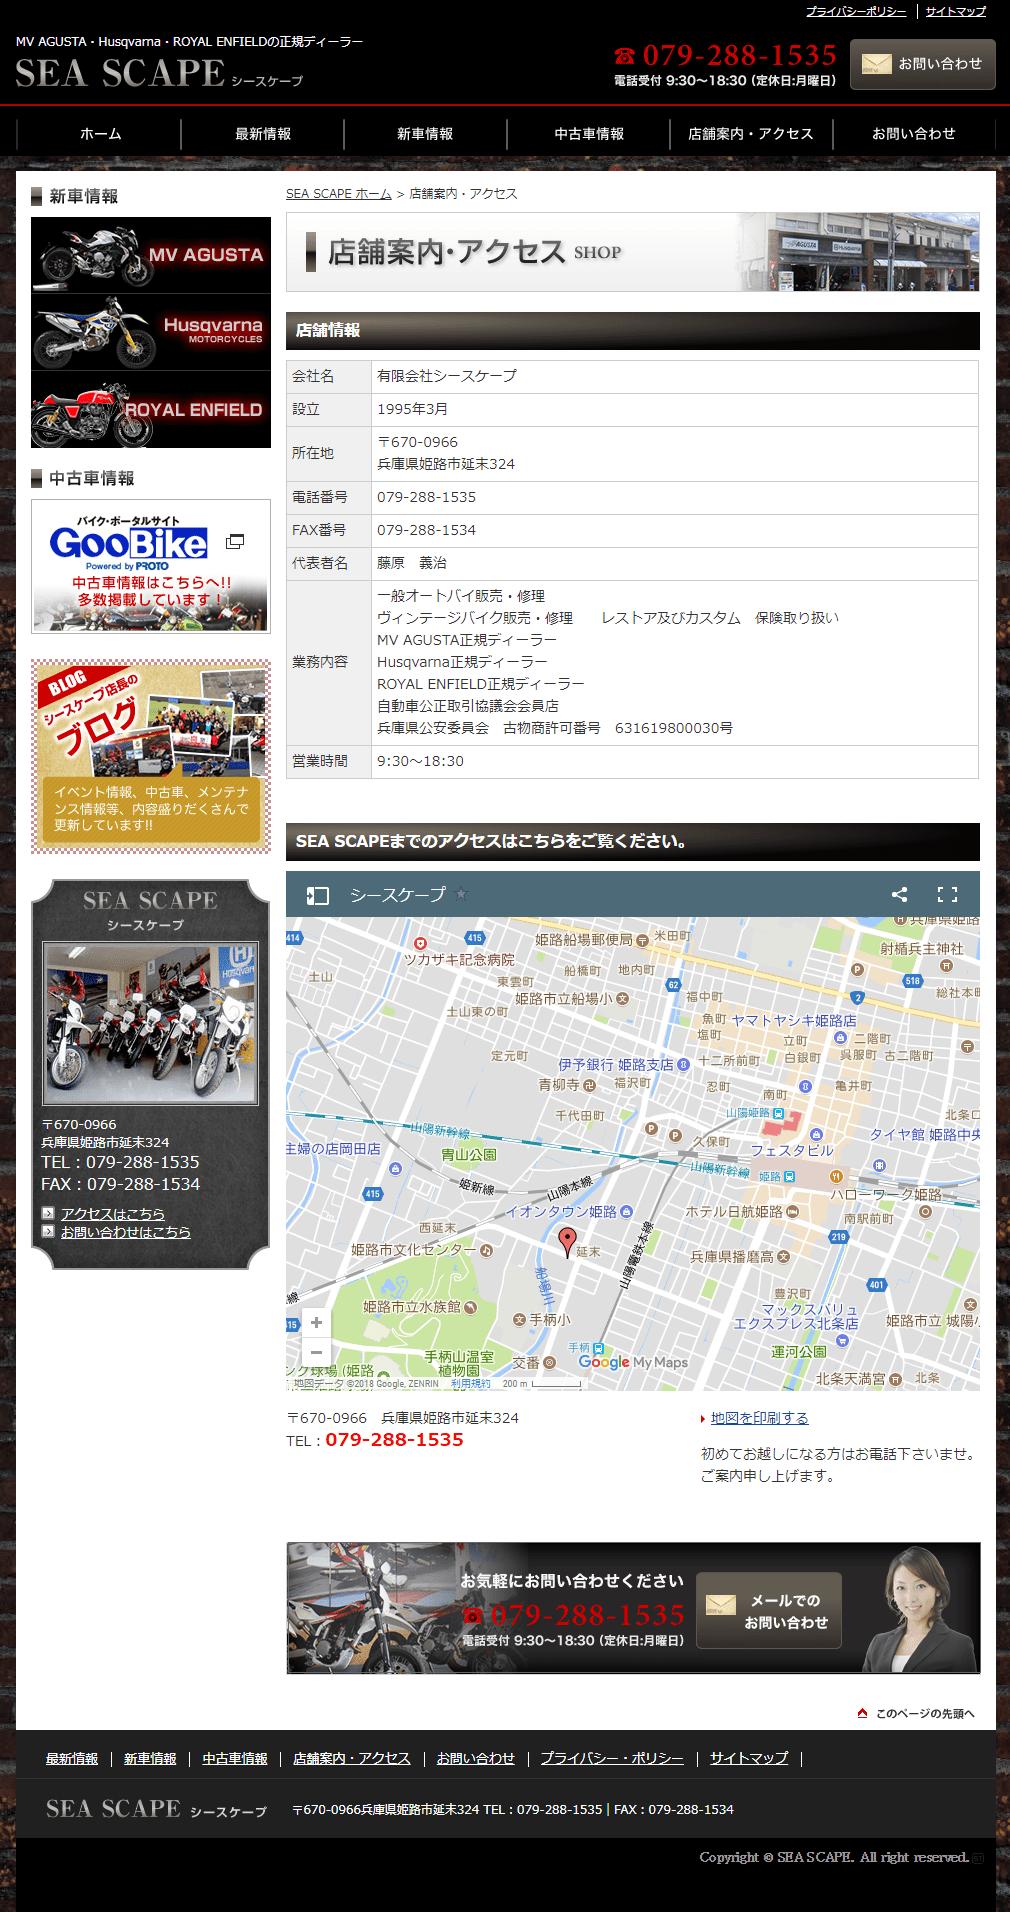 姫路市 有限会社シースケープ様 ホームページ制作2